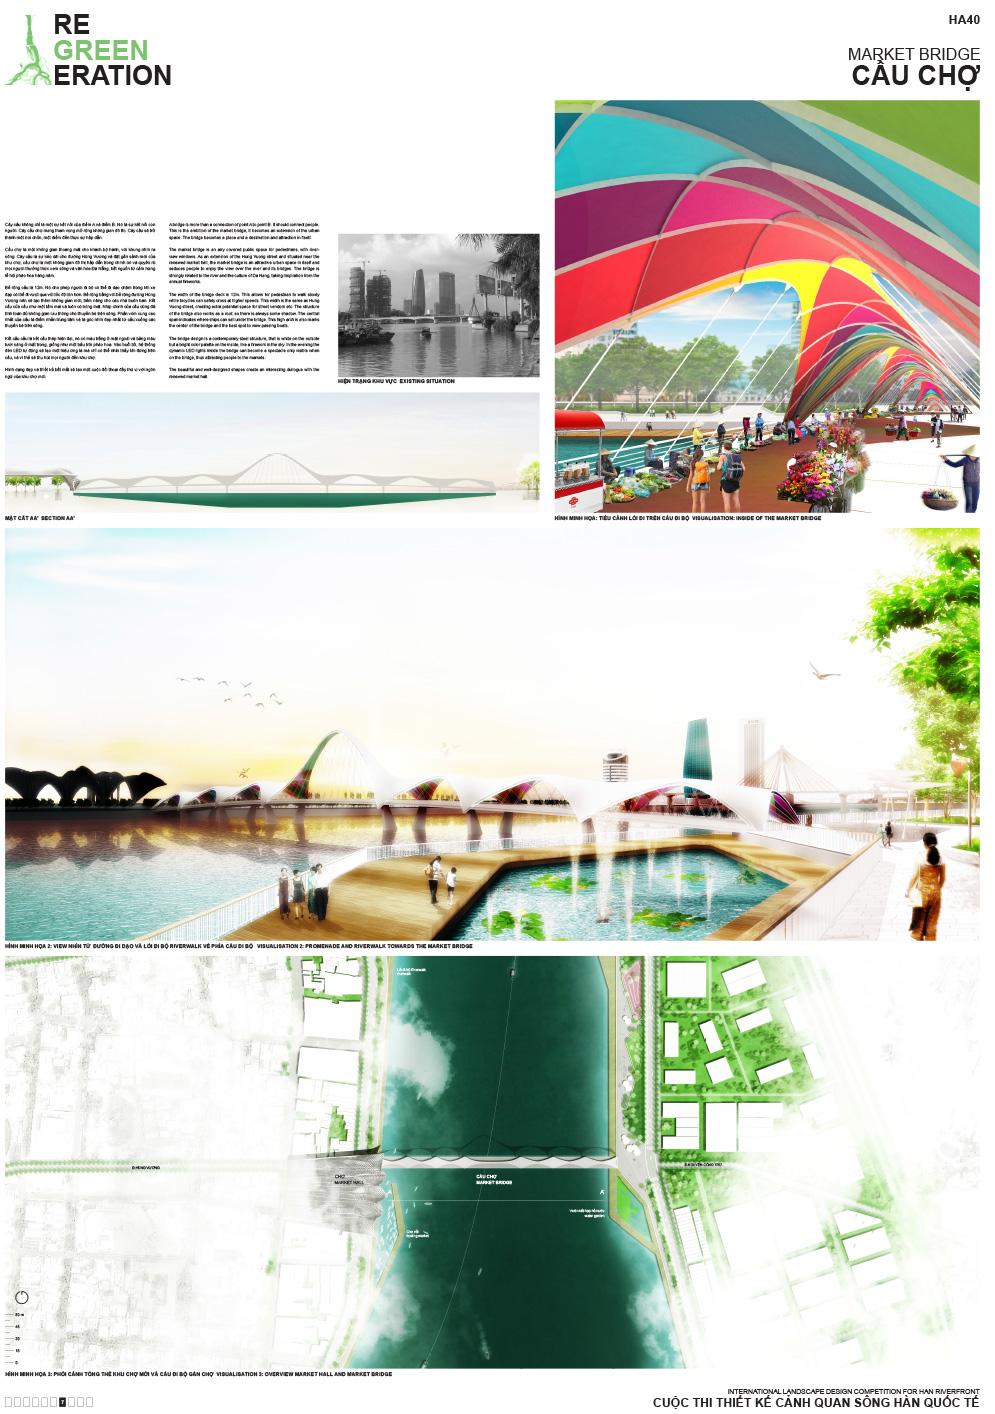 ha40_pdf_003_panels_a0_-7